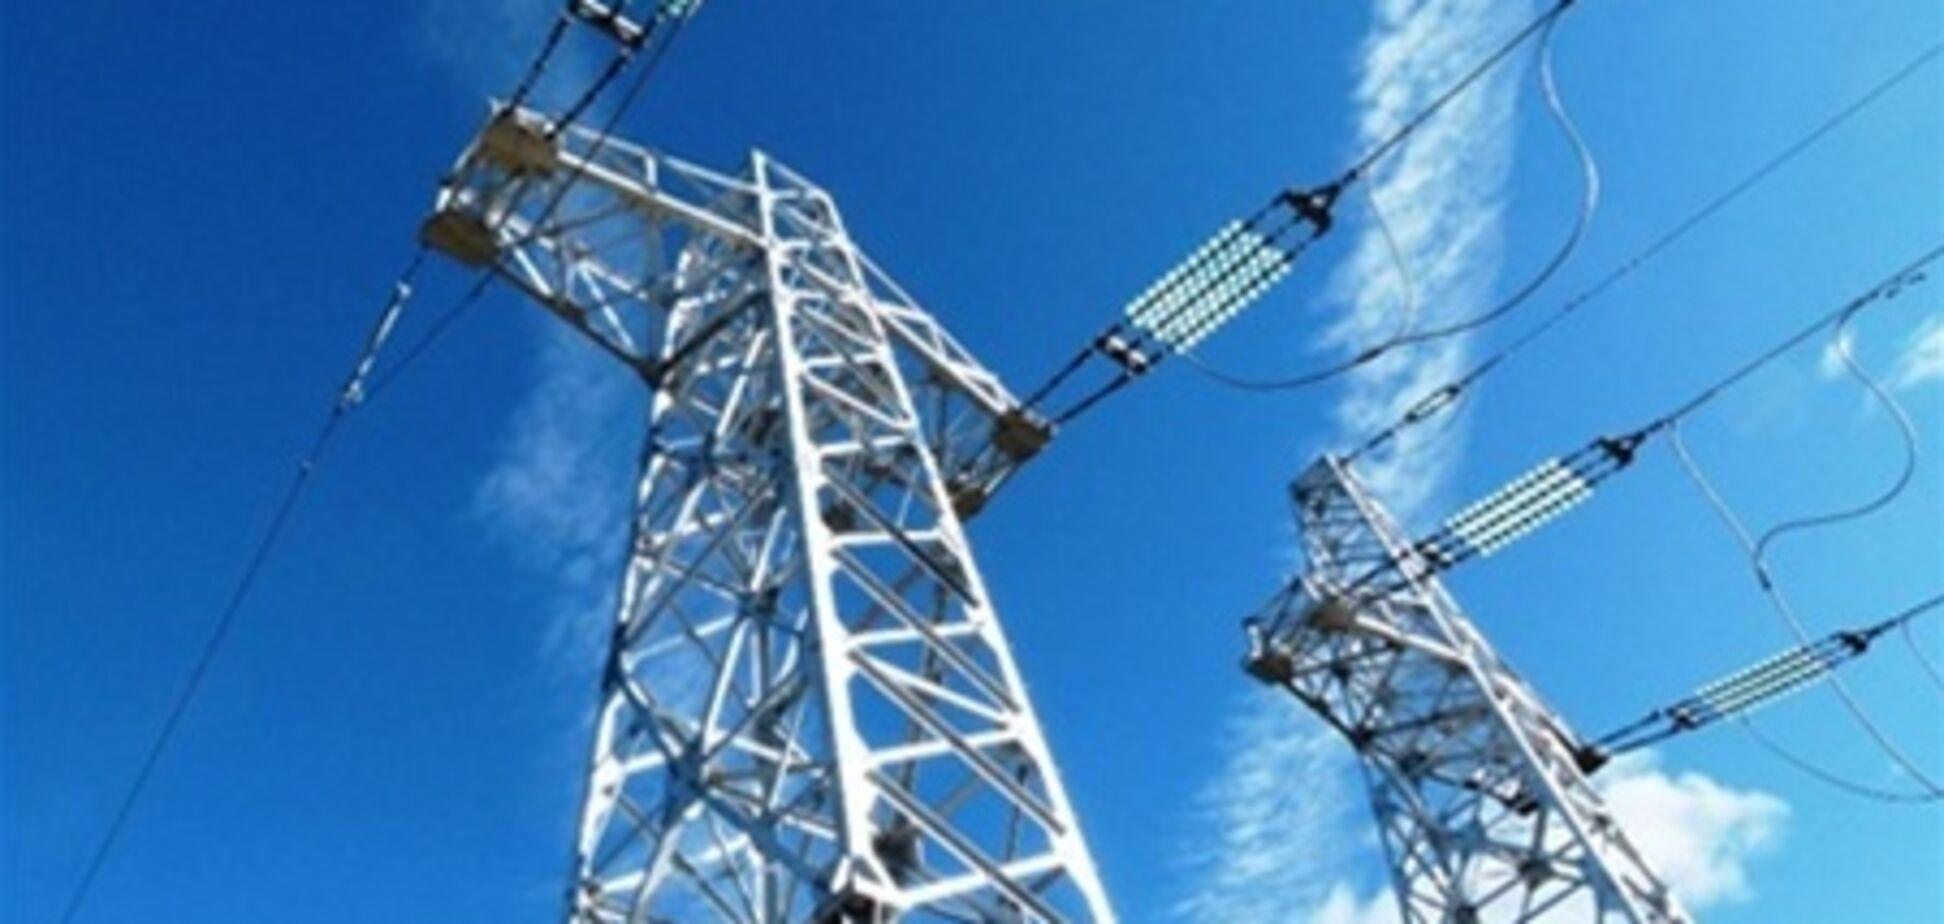 Эксперт: в энергетике Украины возрос риск техногенных катастроф